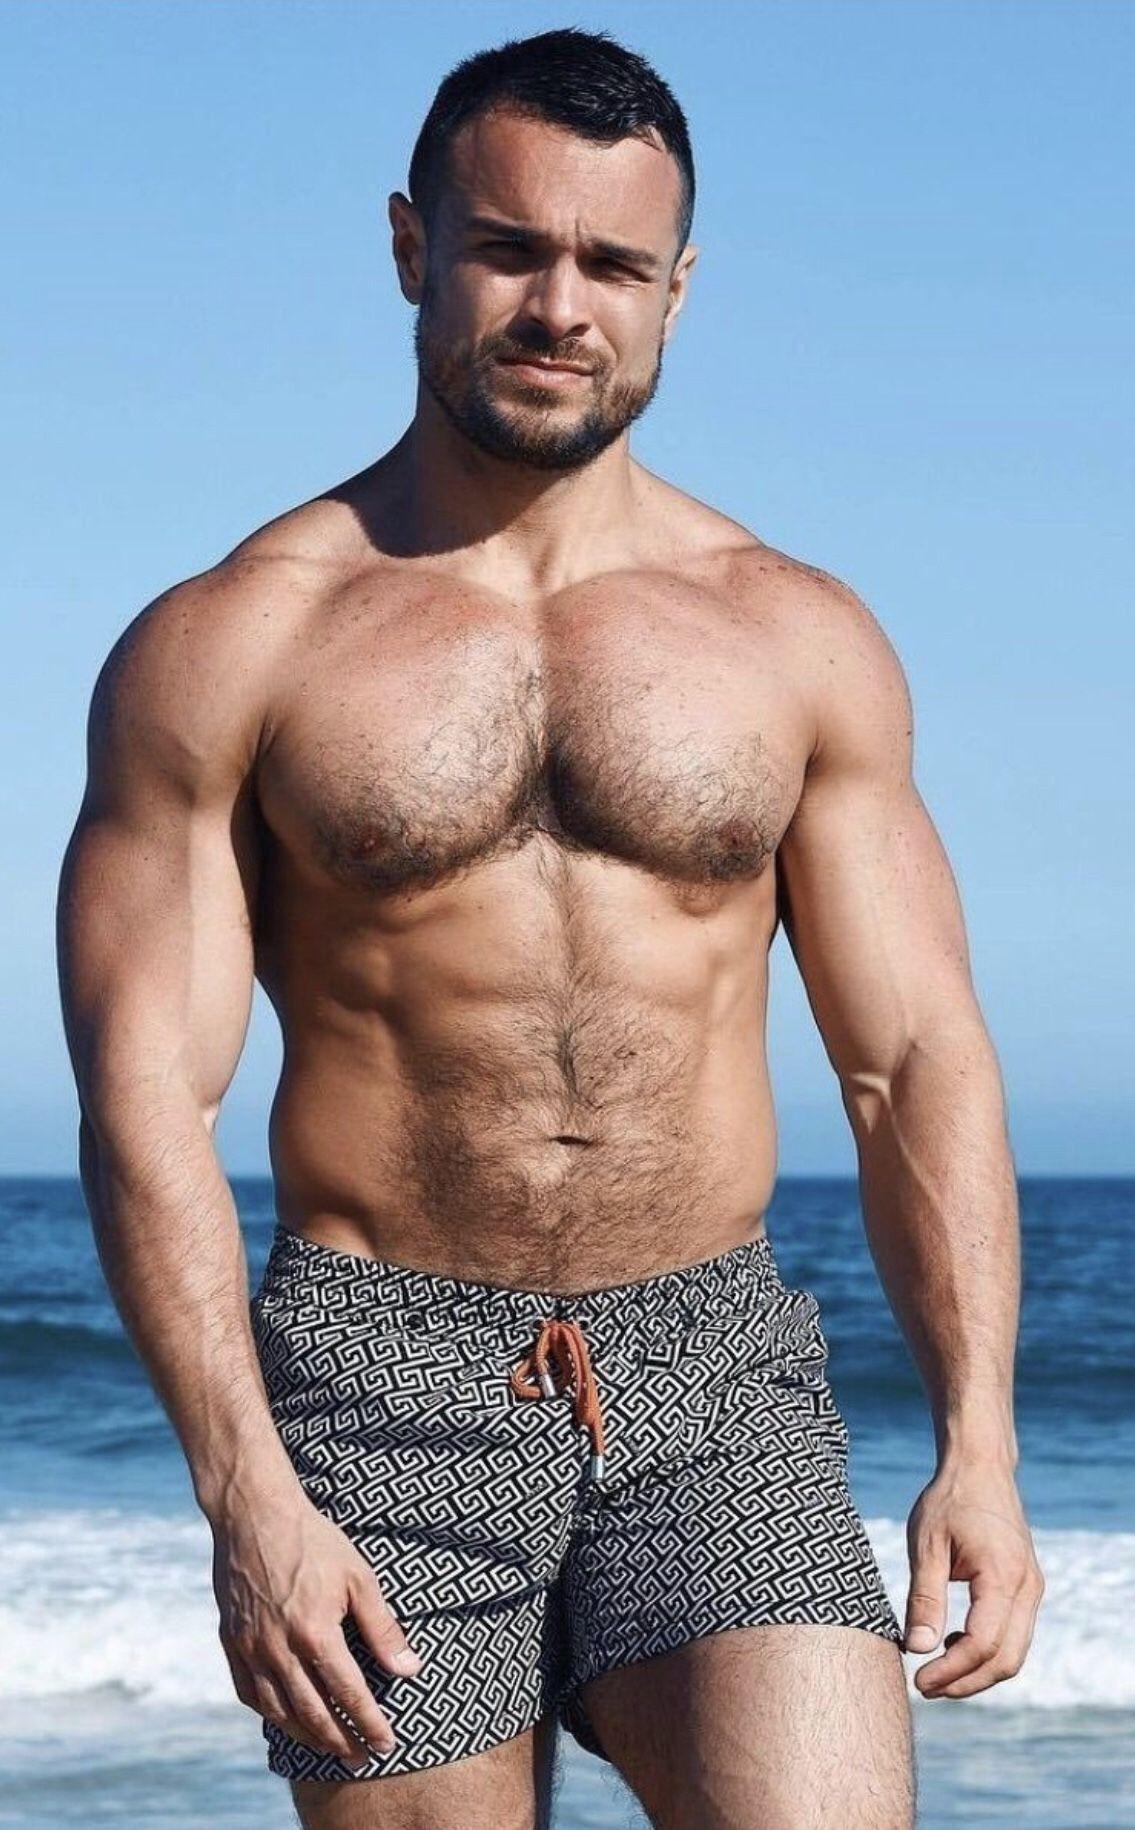 γκέι μυς αρκούδα σεξη Ντάνικα Κόλινς πίπα